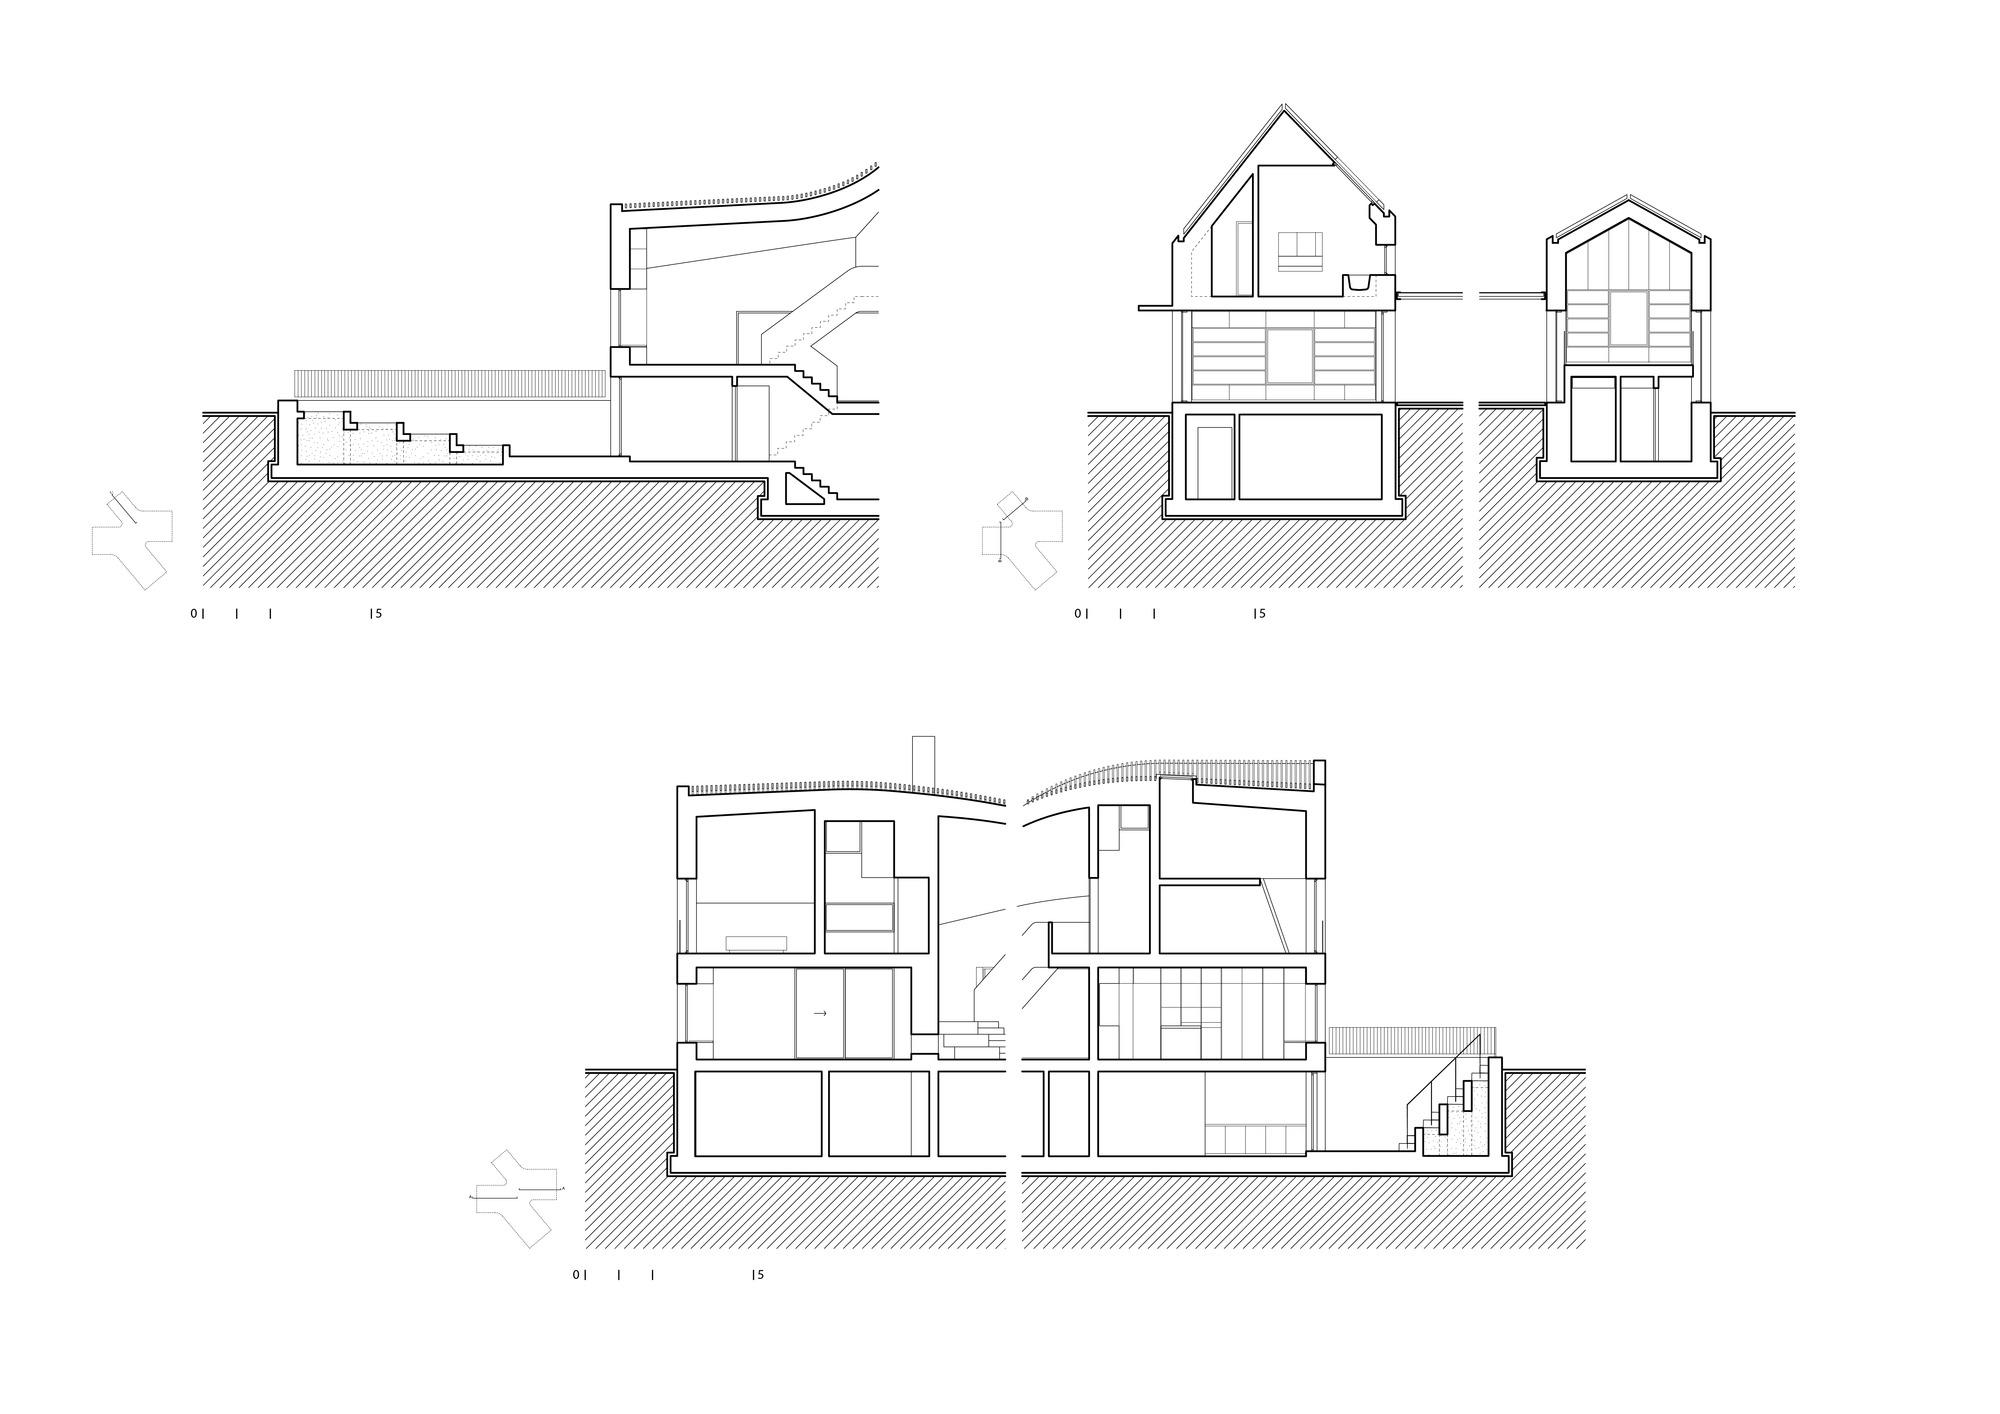 Gallery of house h one fine day architektur werk stadt 25 - Architektur werk ...